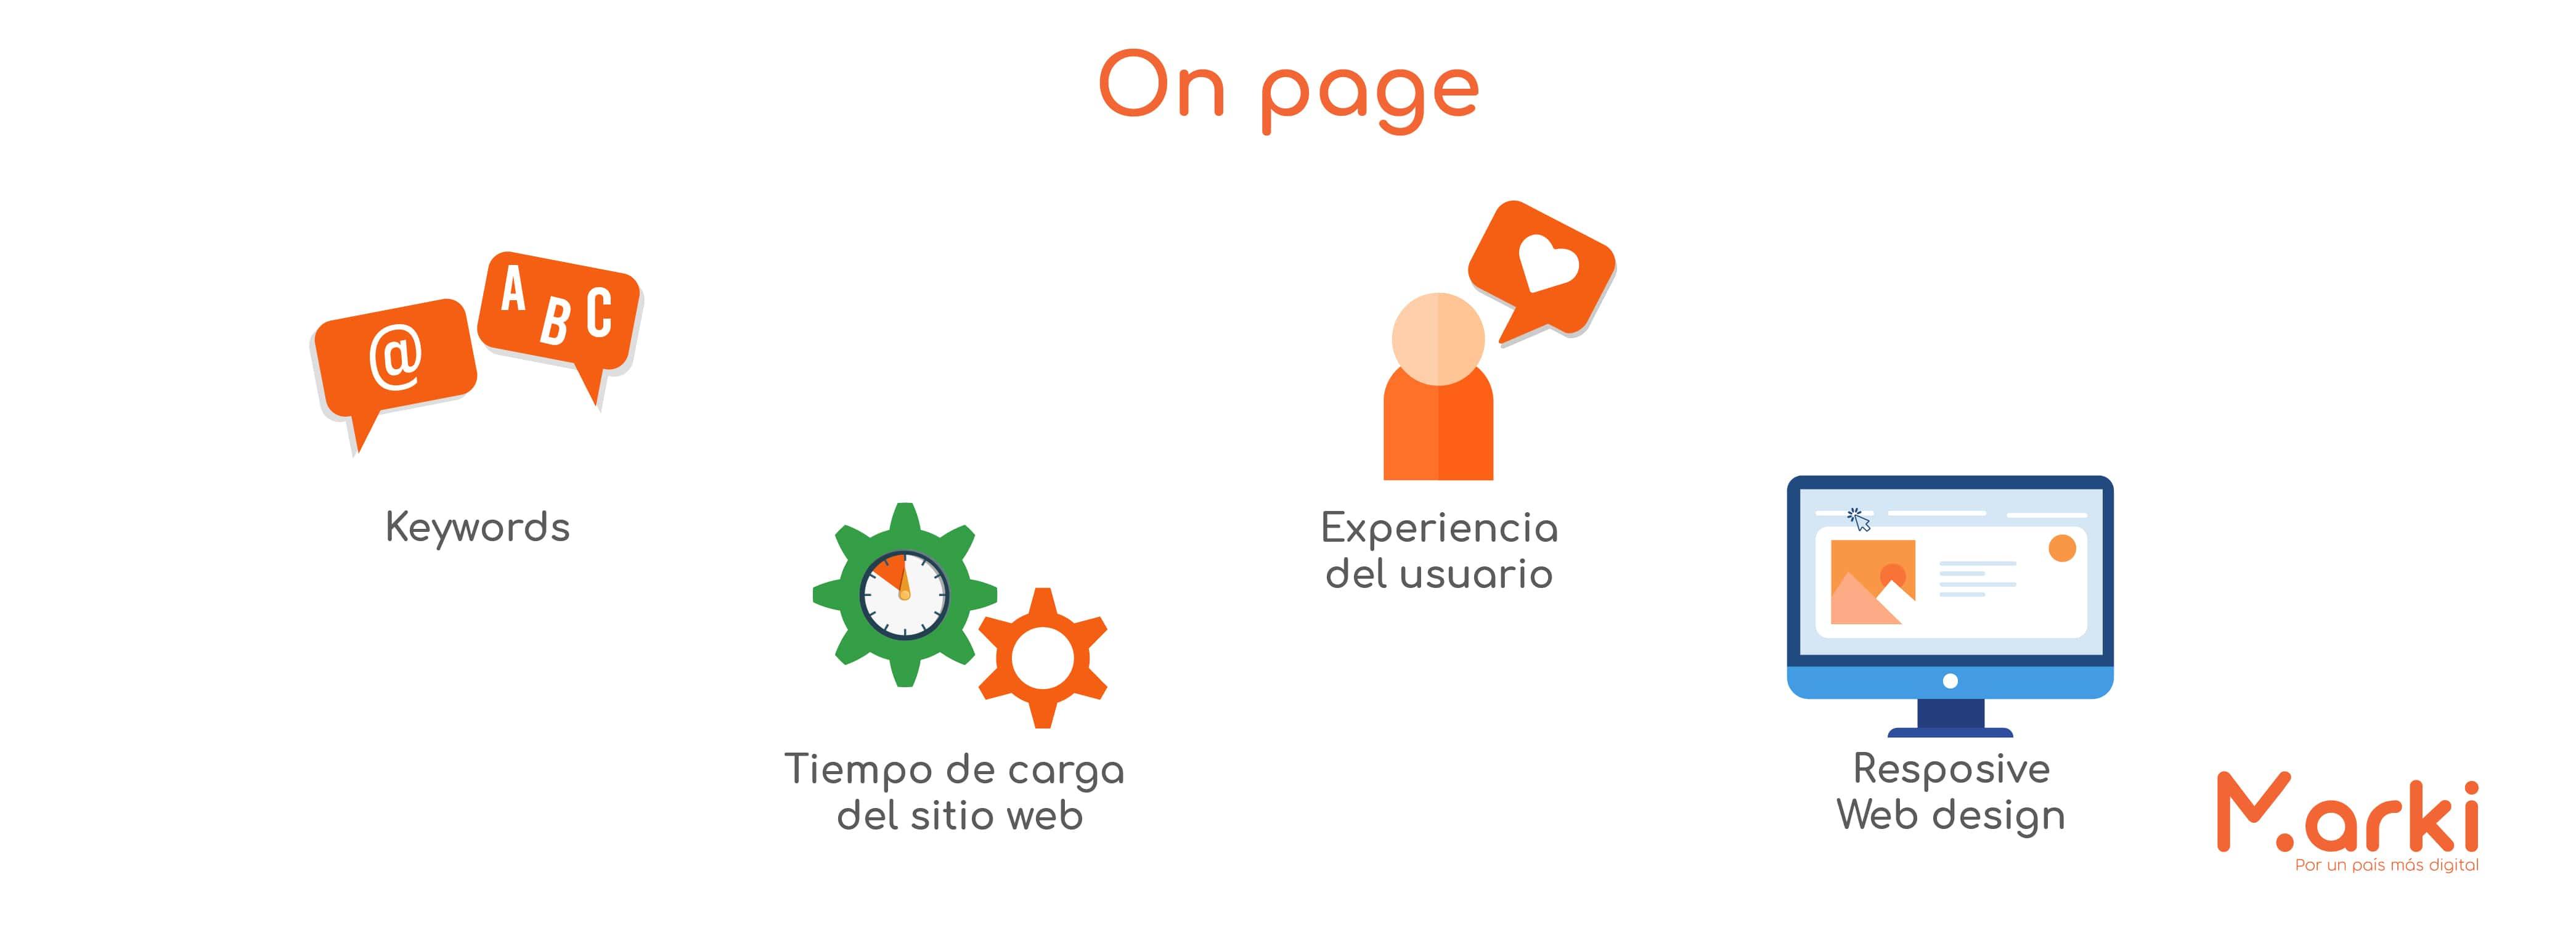 on page seo on page seo que es y como funciona seo como funciona mejorar posicionamiento web que significa seo en marketing digital como funciona el seo marki diseño marki voluntariado marki